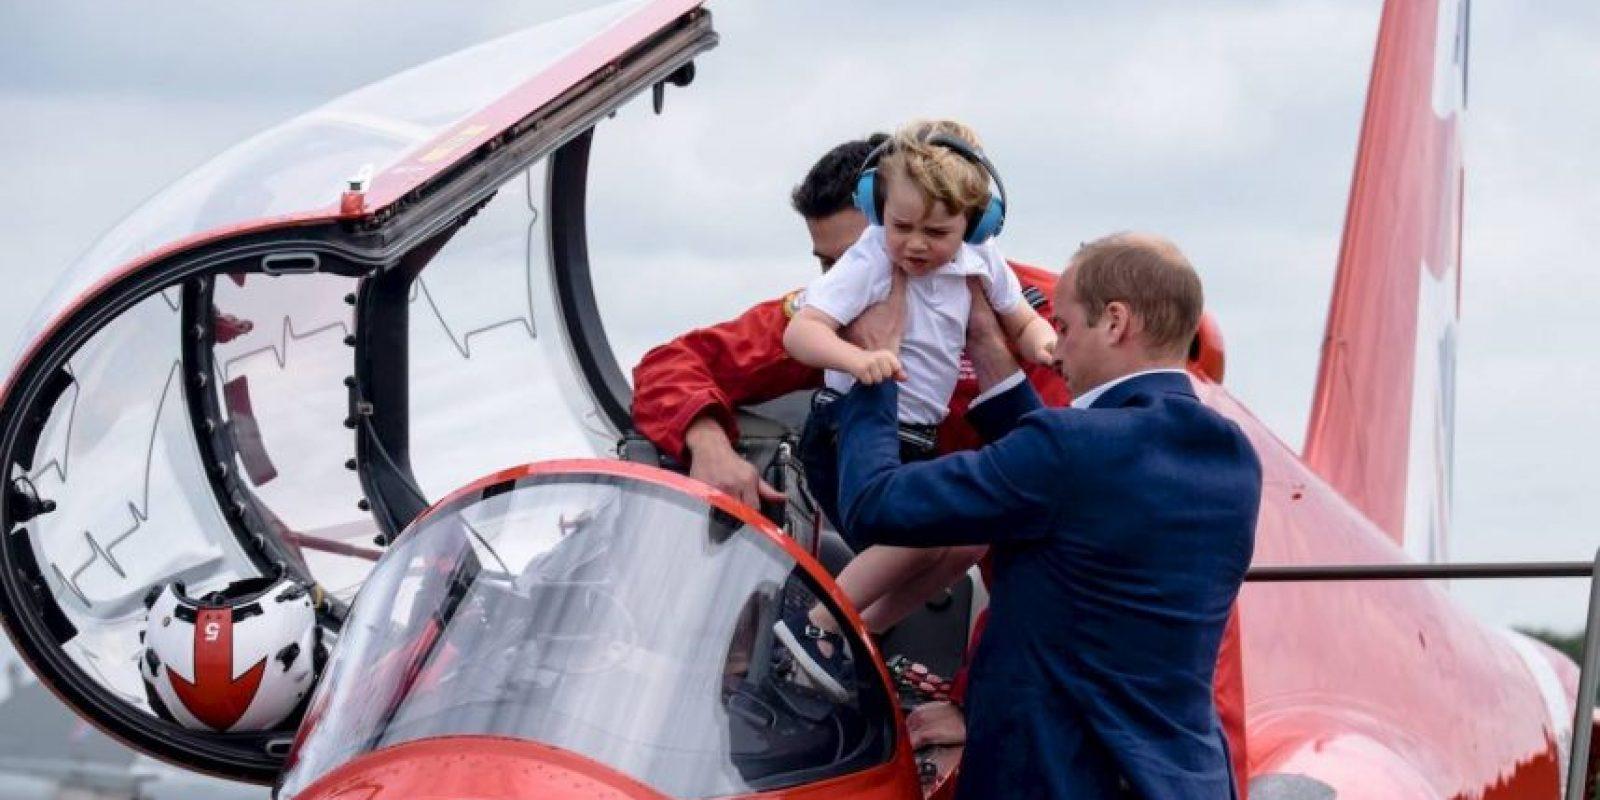 Su más reciente aparición pública fue en un espectáculo de la Fuerza Aérea Británica Foto:Royal.uk